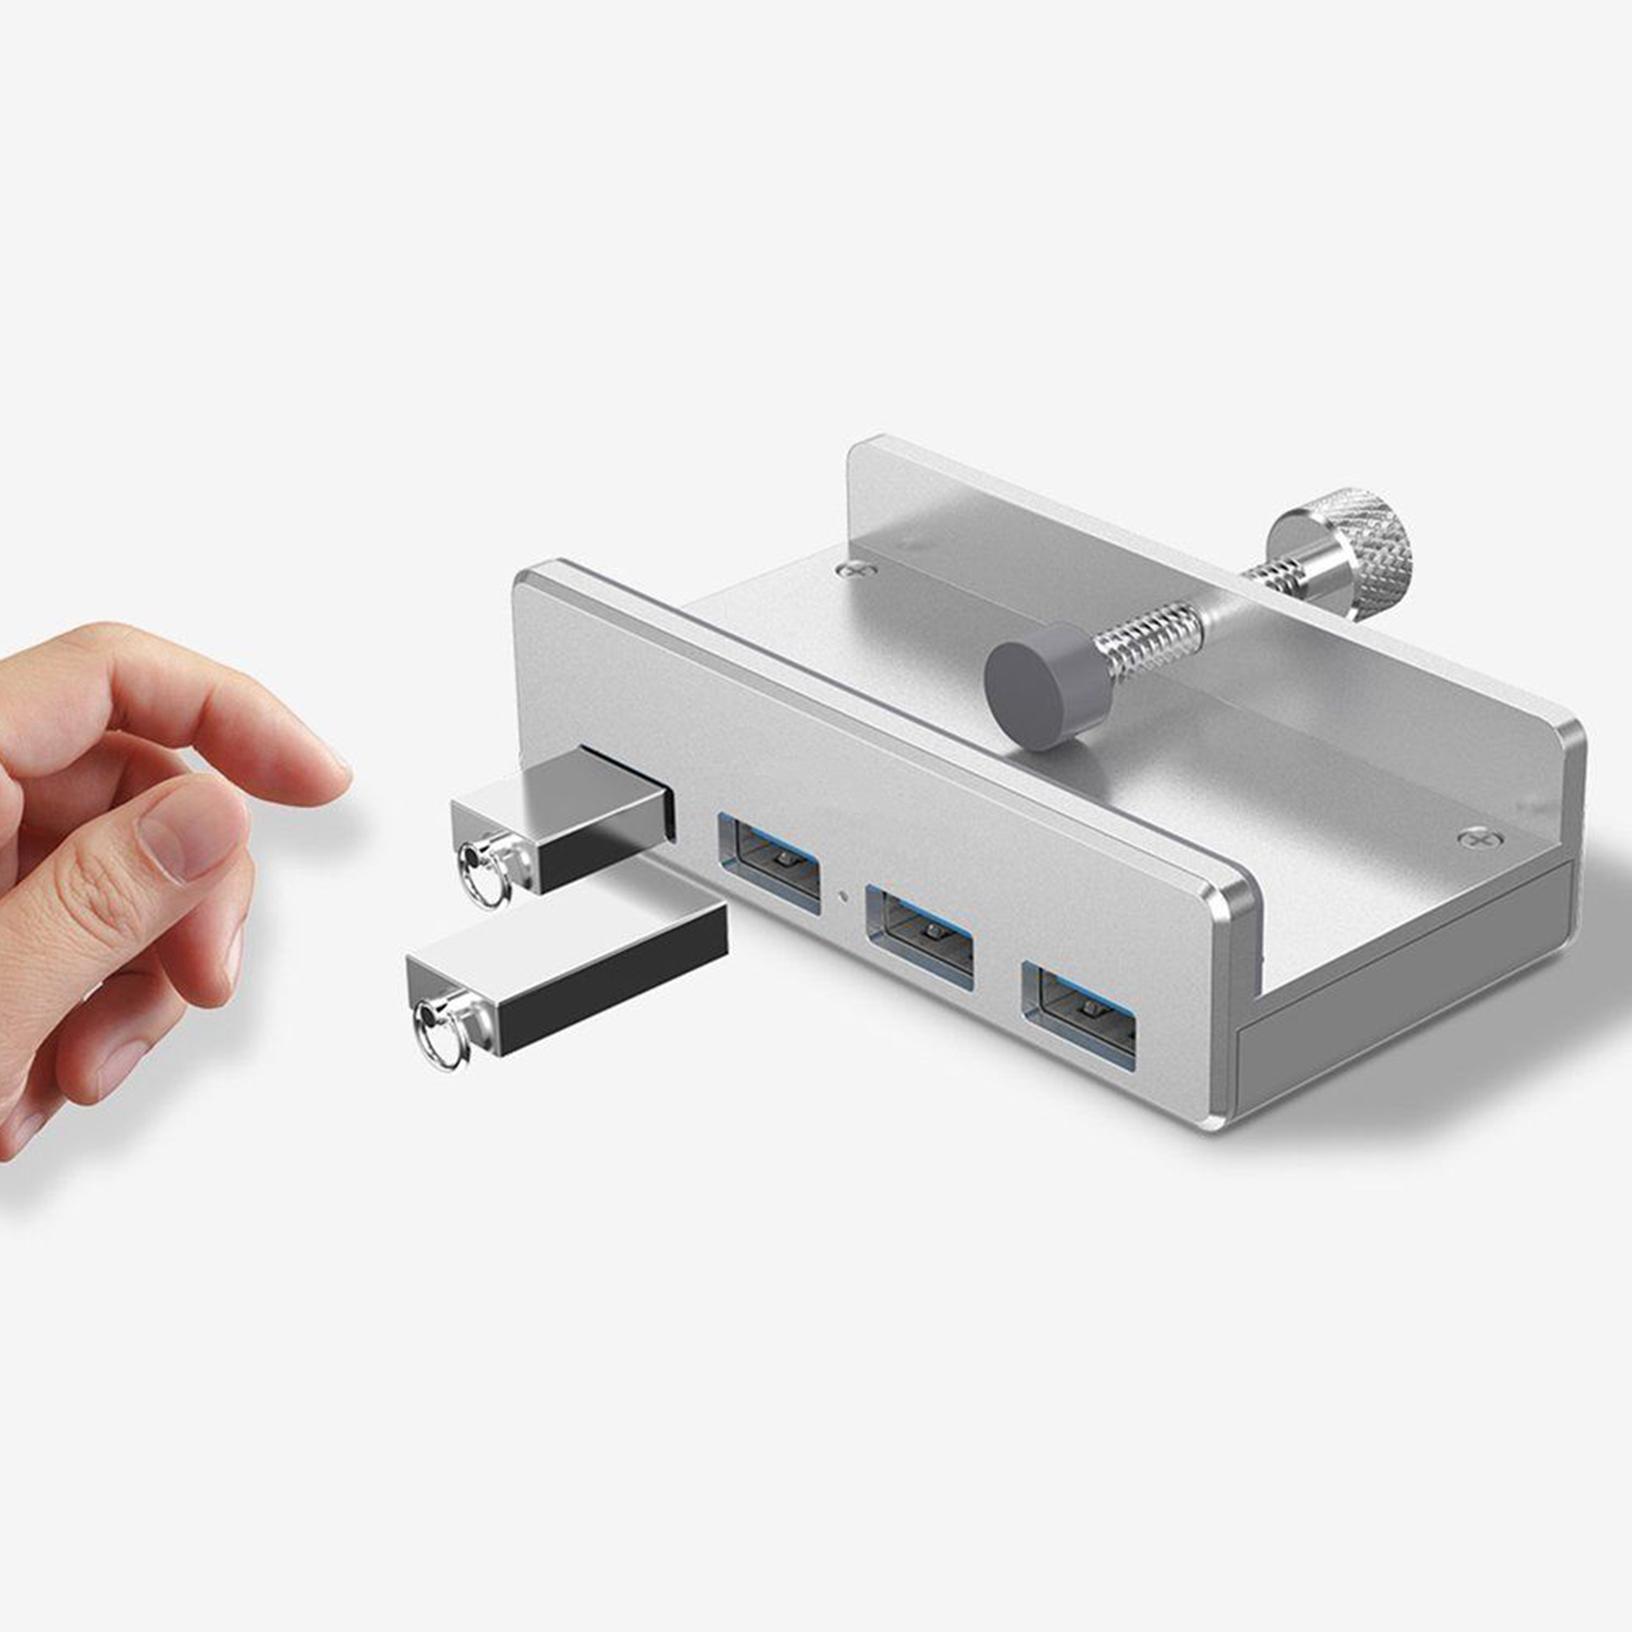 ORICO 4 Ports USB 3.0 Tisch HUB 5Gbps Monitor Tisch Klemme für Apple iMac Laptop | eBay